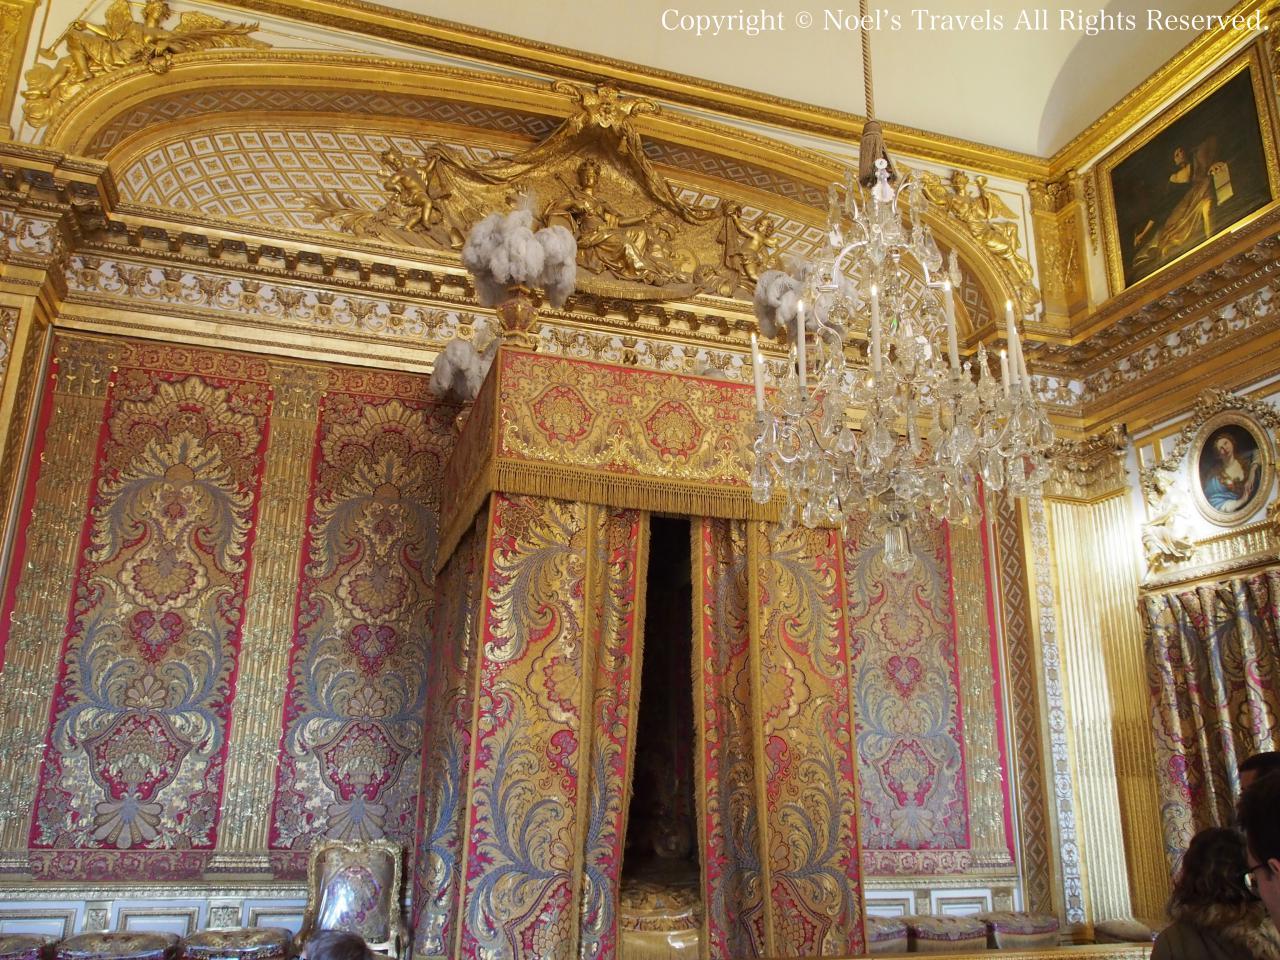 ヴェルサイユ宮殿の王の寝室